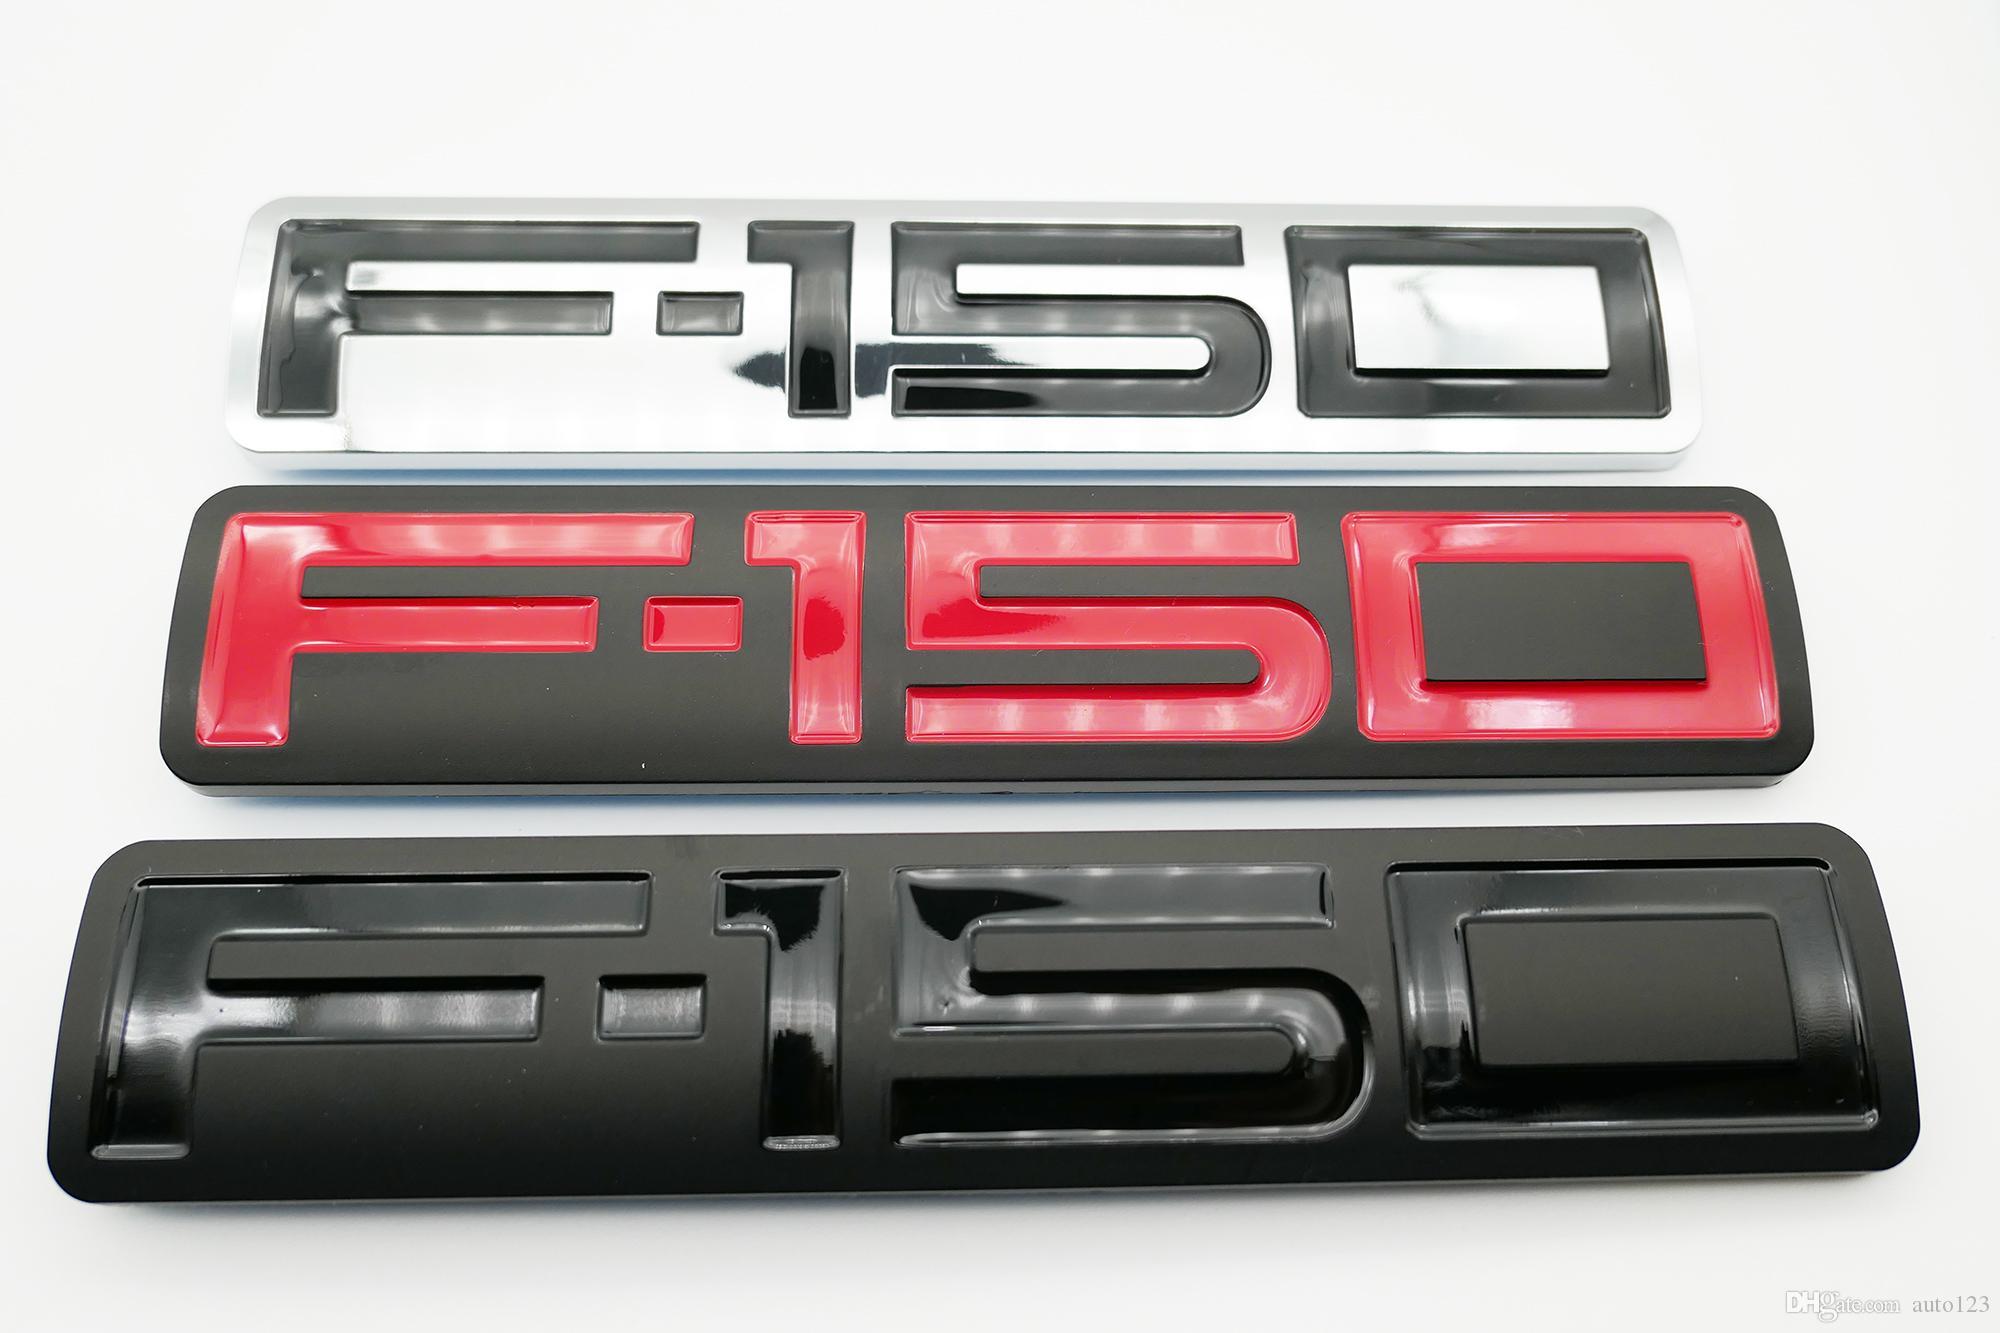 2004-2008 F150 için 1x Siyah Kırmızı Simli F150 Araç Yan Sticker Bagaj kapağı Arka Amblem Rozet Letter Premium 3D Tabela Değiştirme